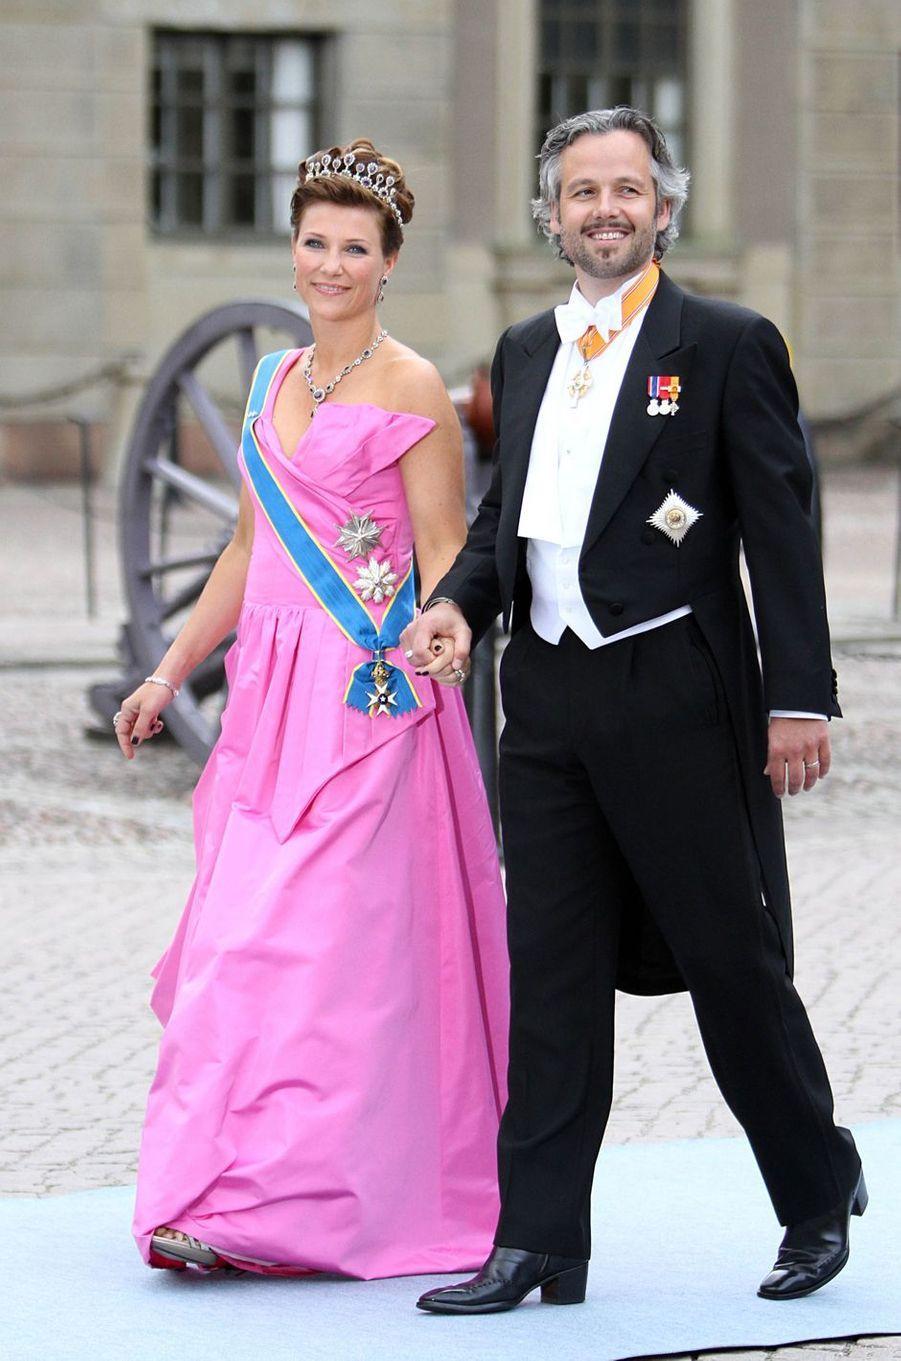 La princesse Märtha Louise de Norvège et Ari Behn au mariage de la princesse Victoria de Suède, le 19 juin 2010